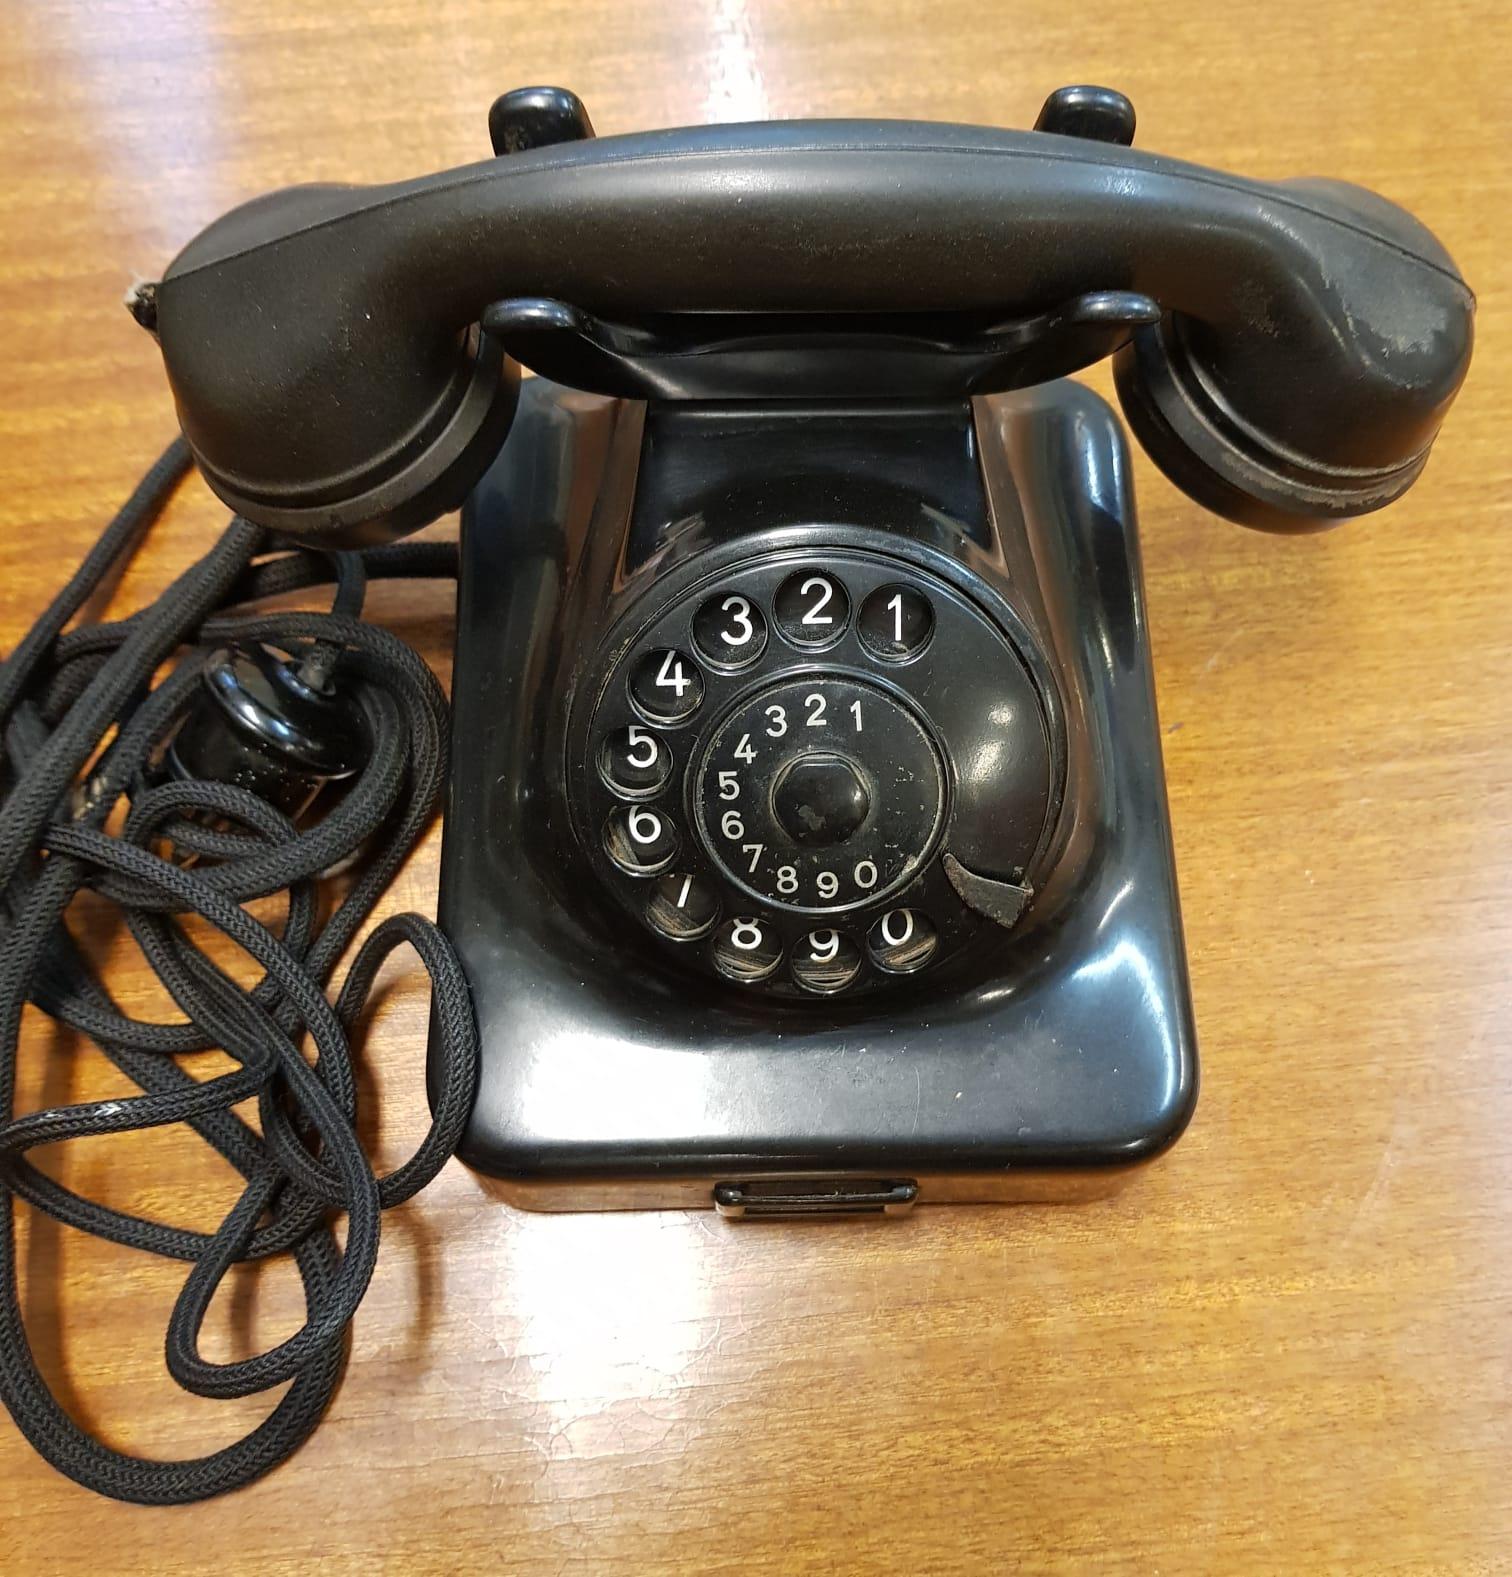 Vanha Siemens puhelin 50-luvulta